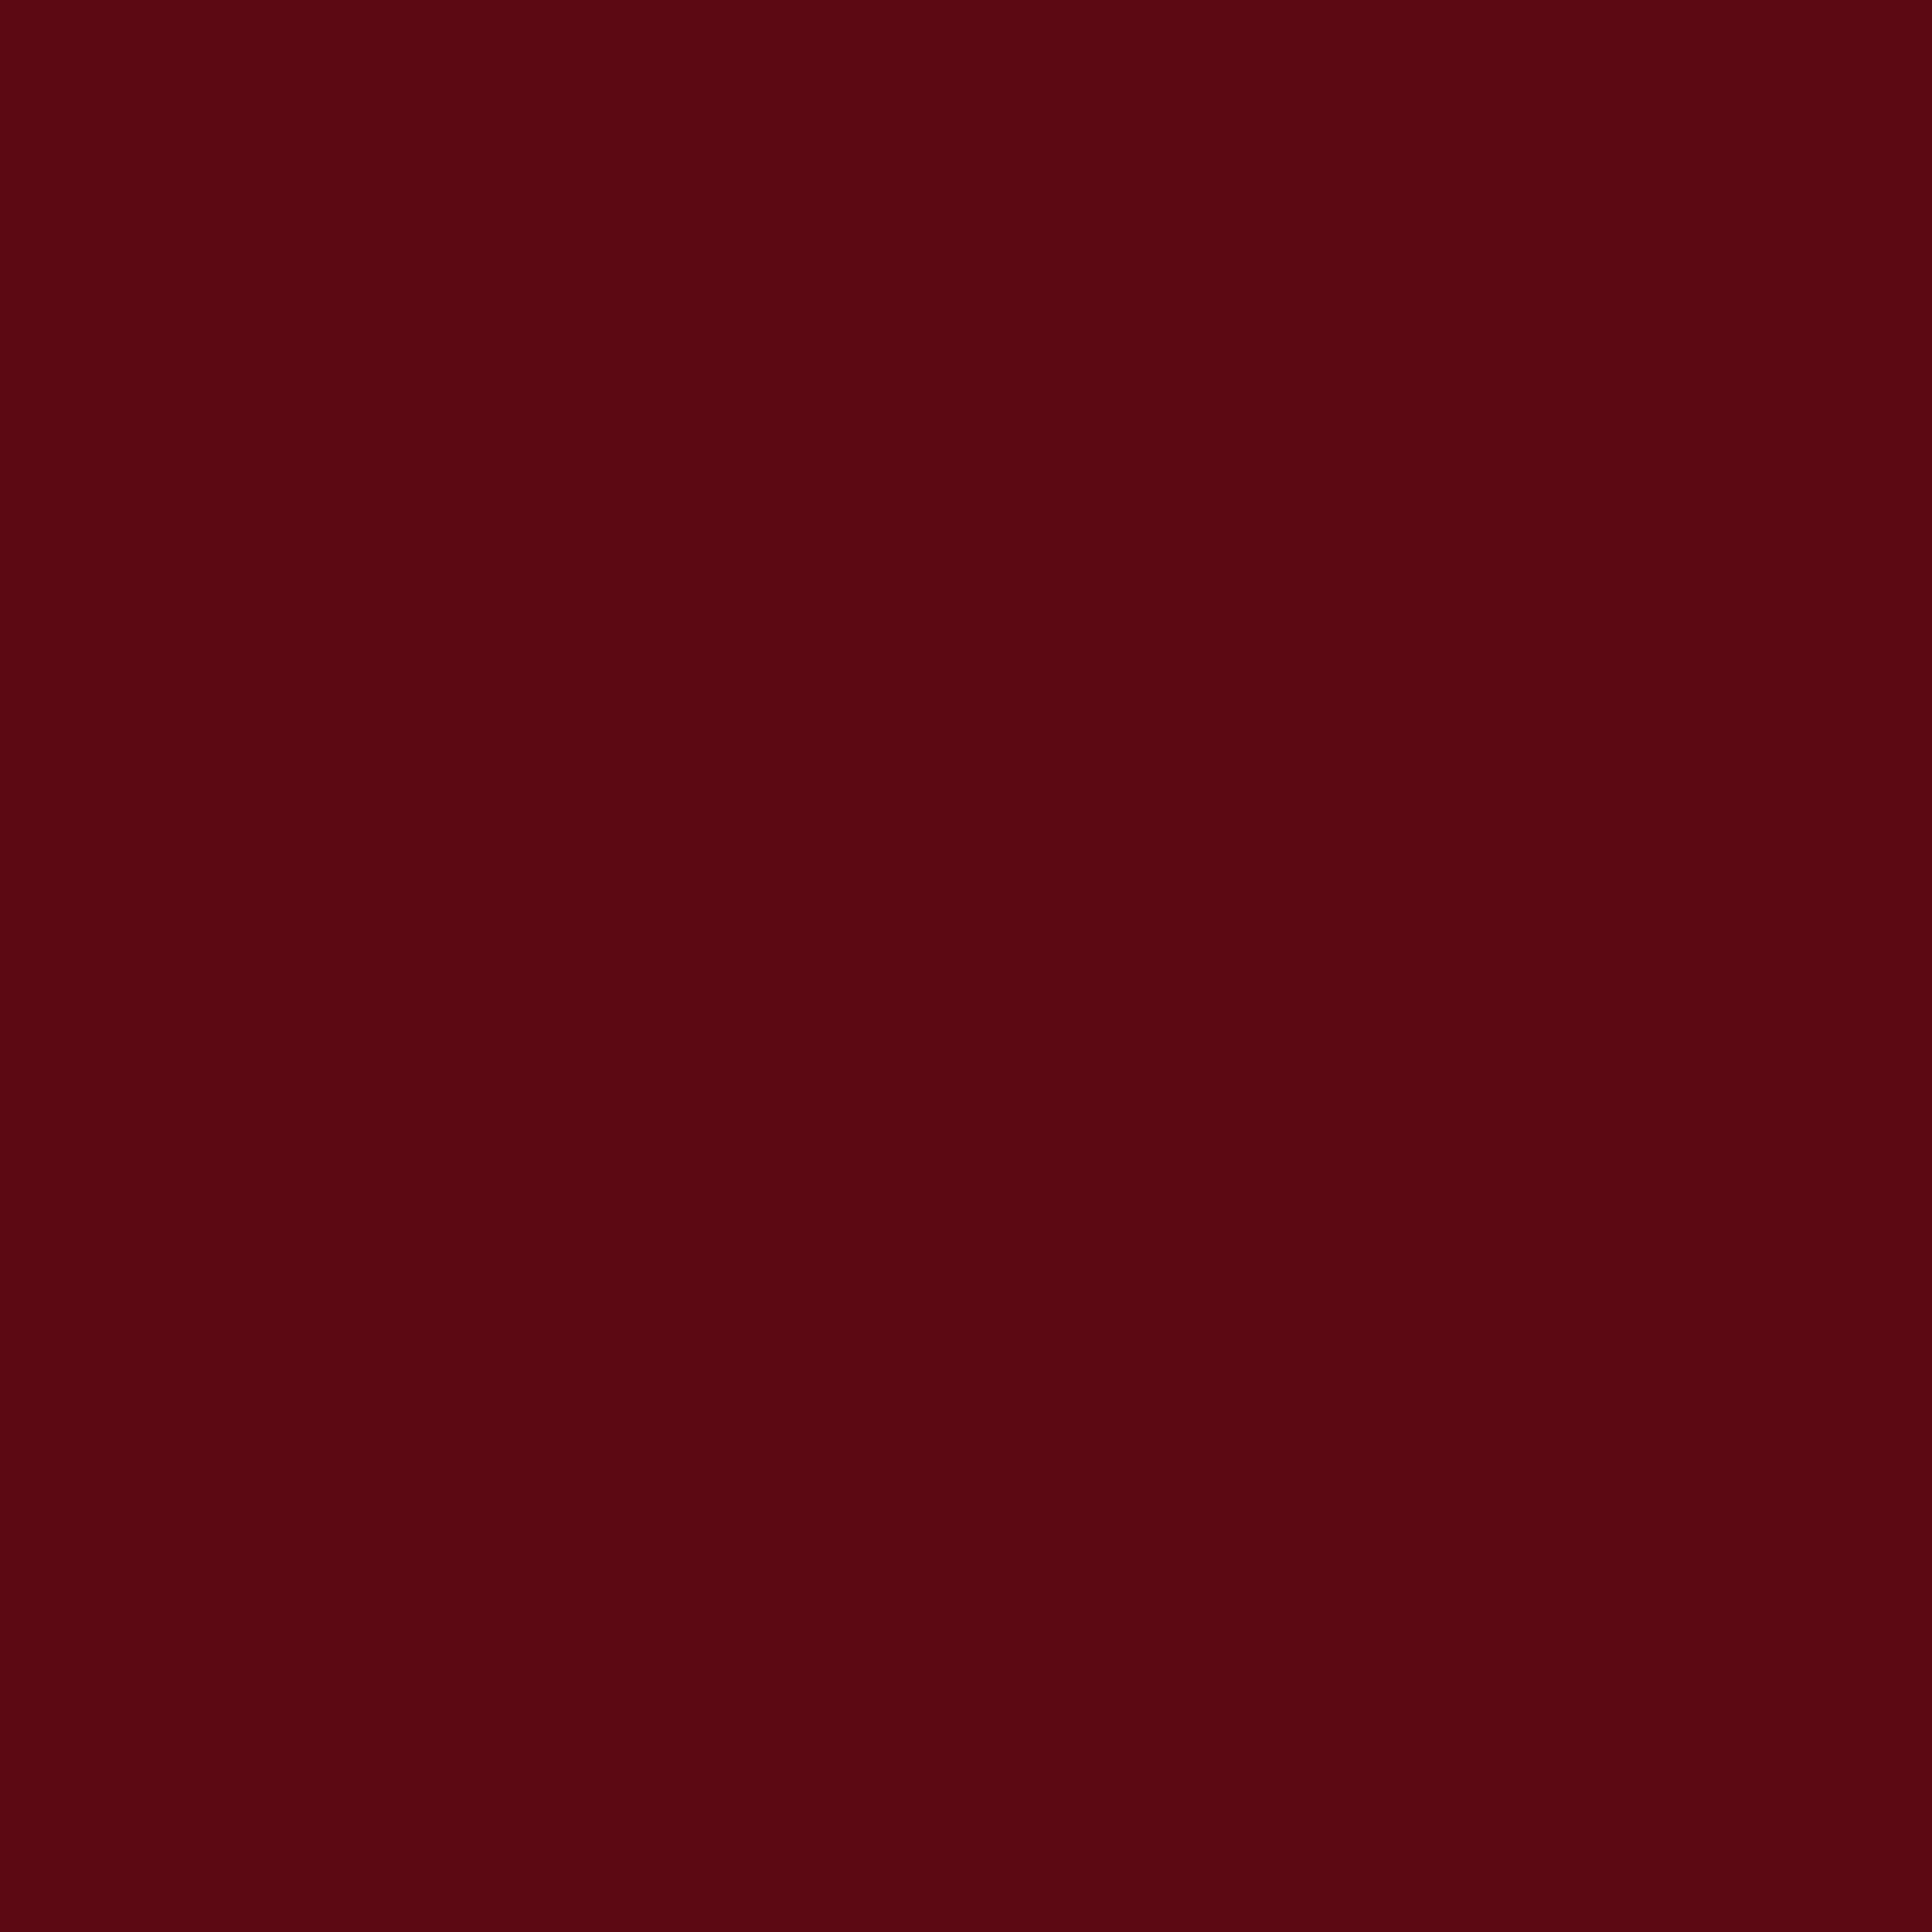 Bordeaux melange